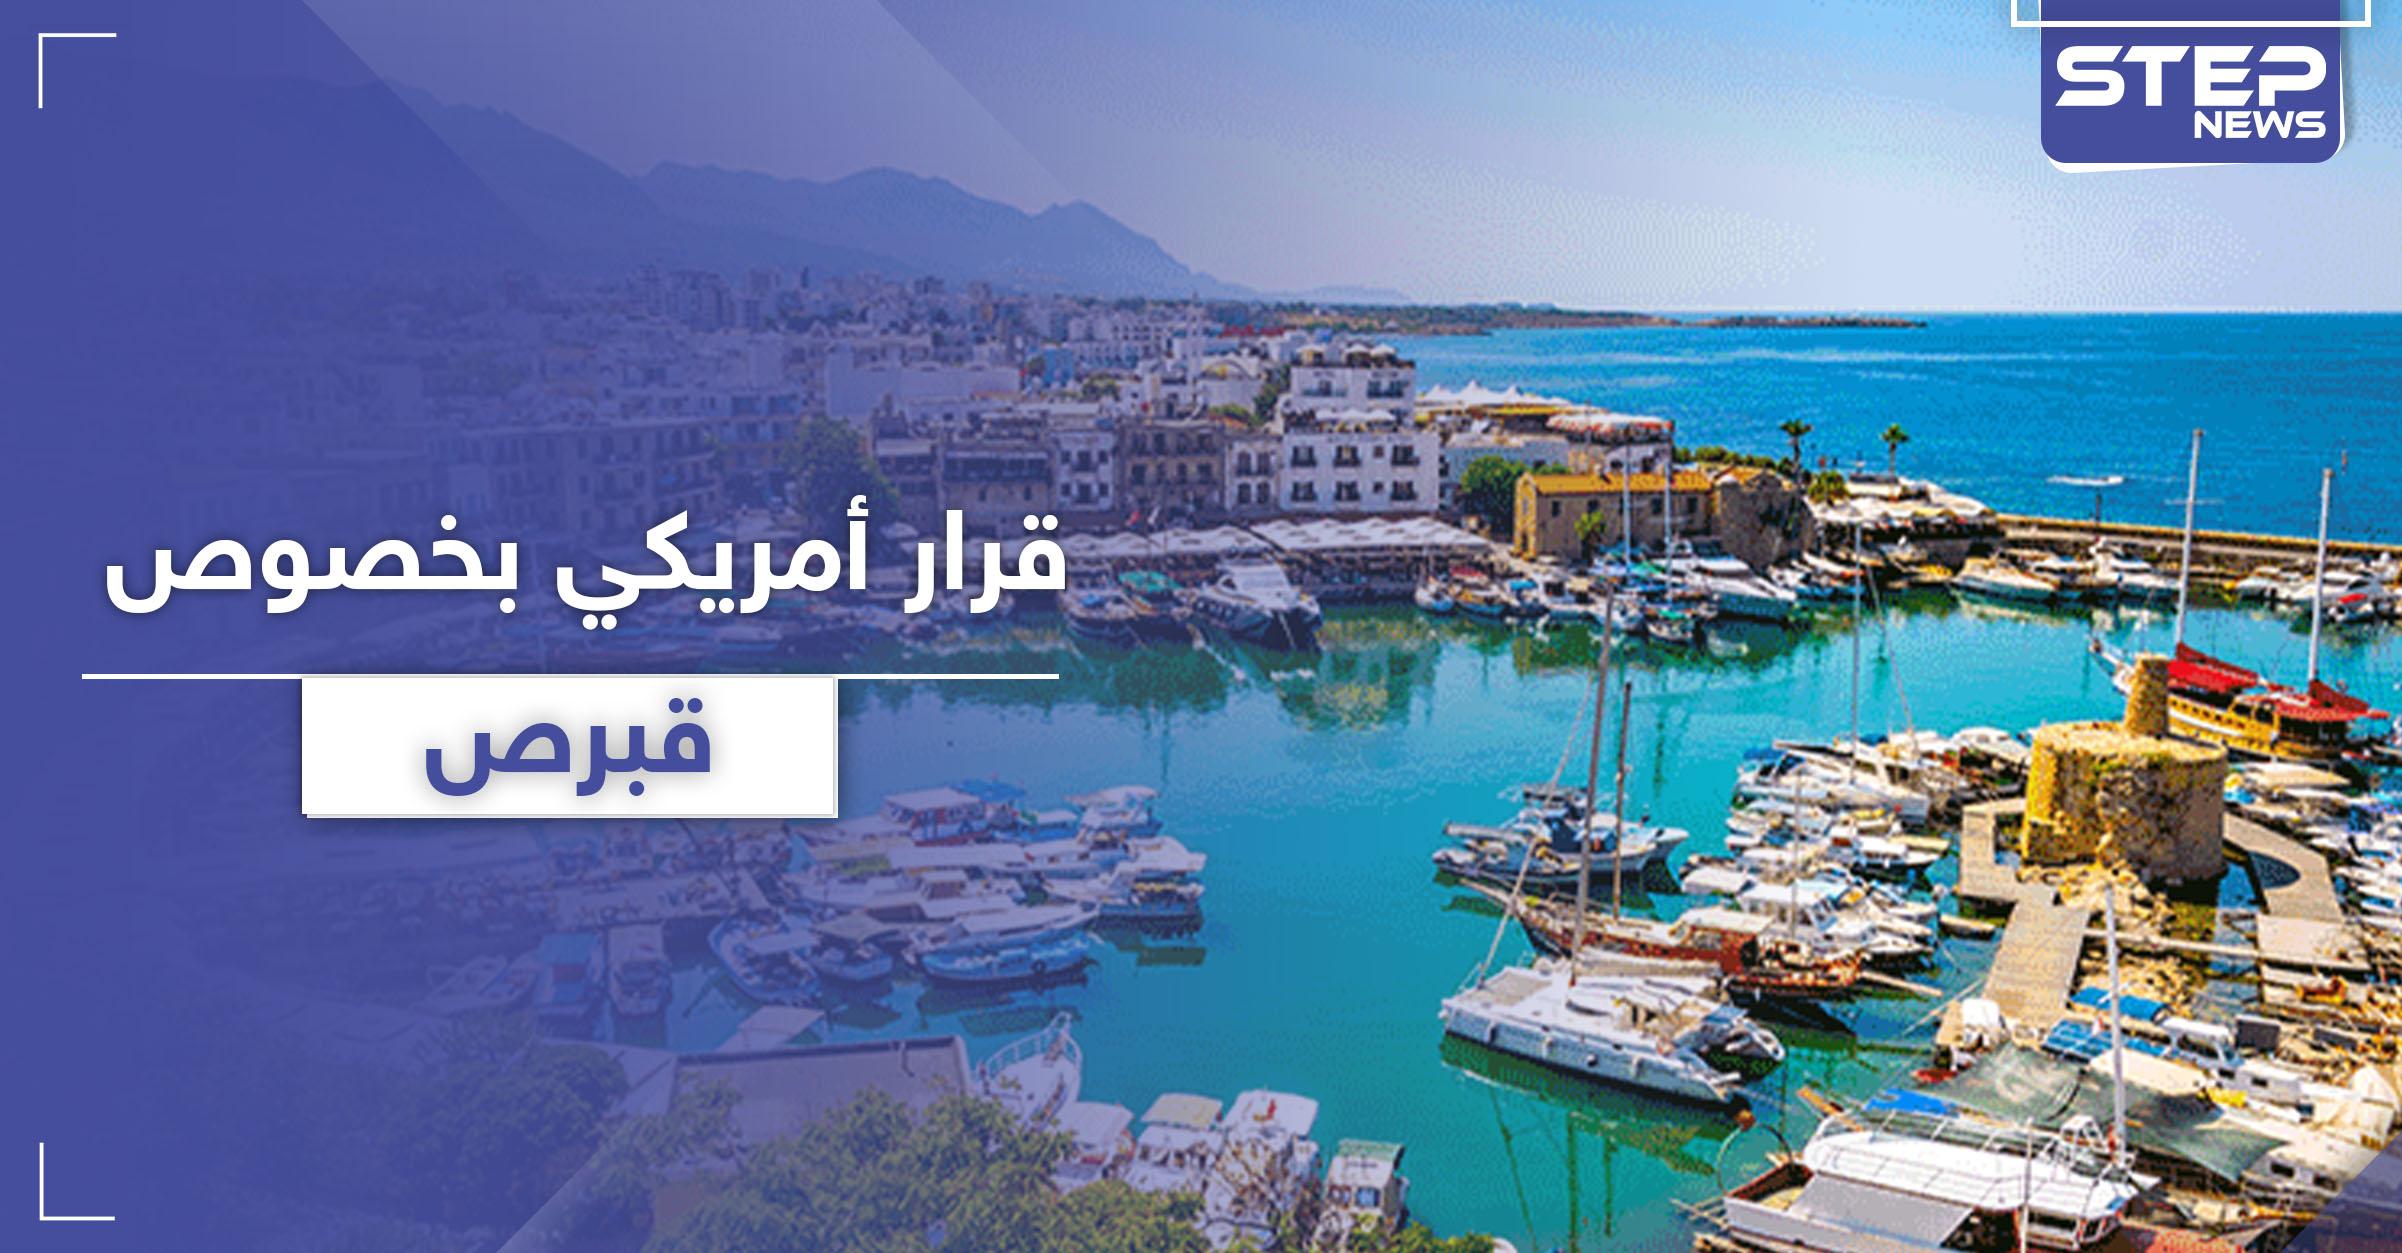 قرار أمريكي بخصوص جزيرة قبرص